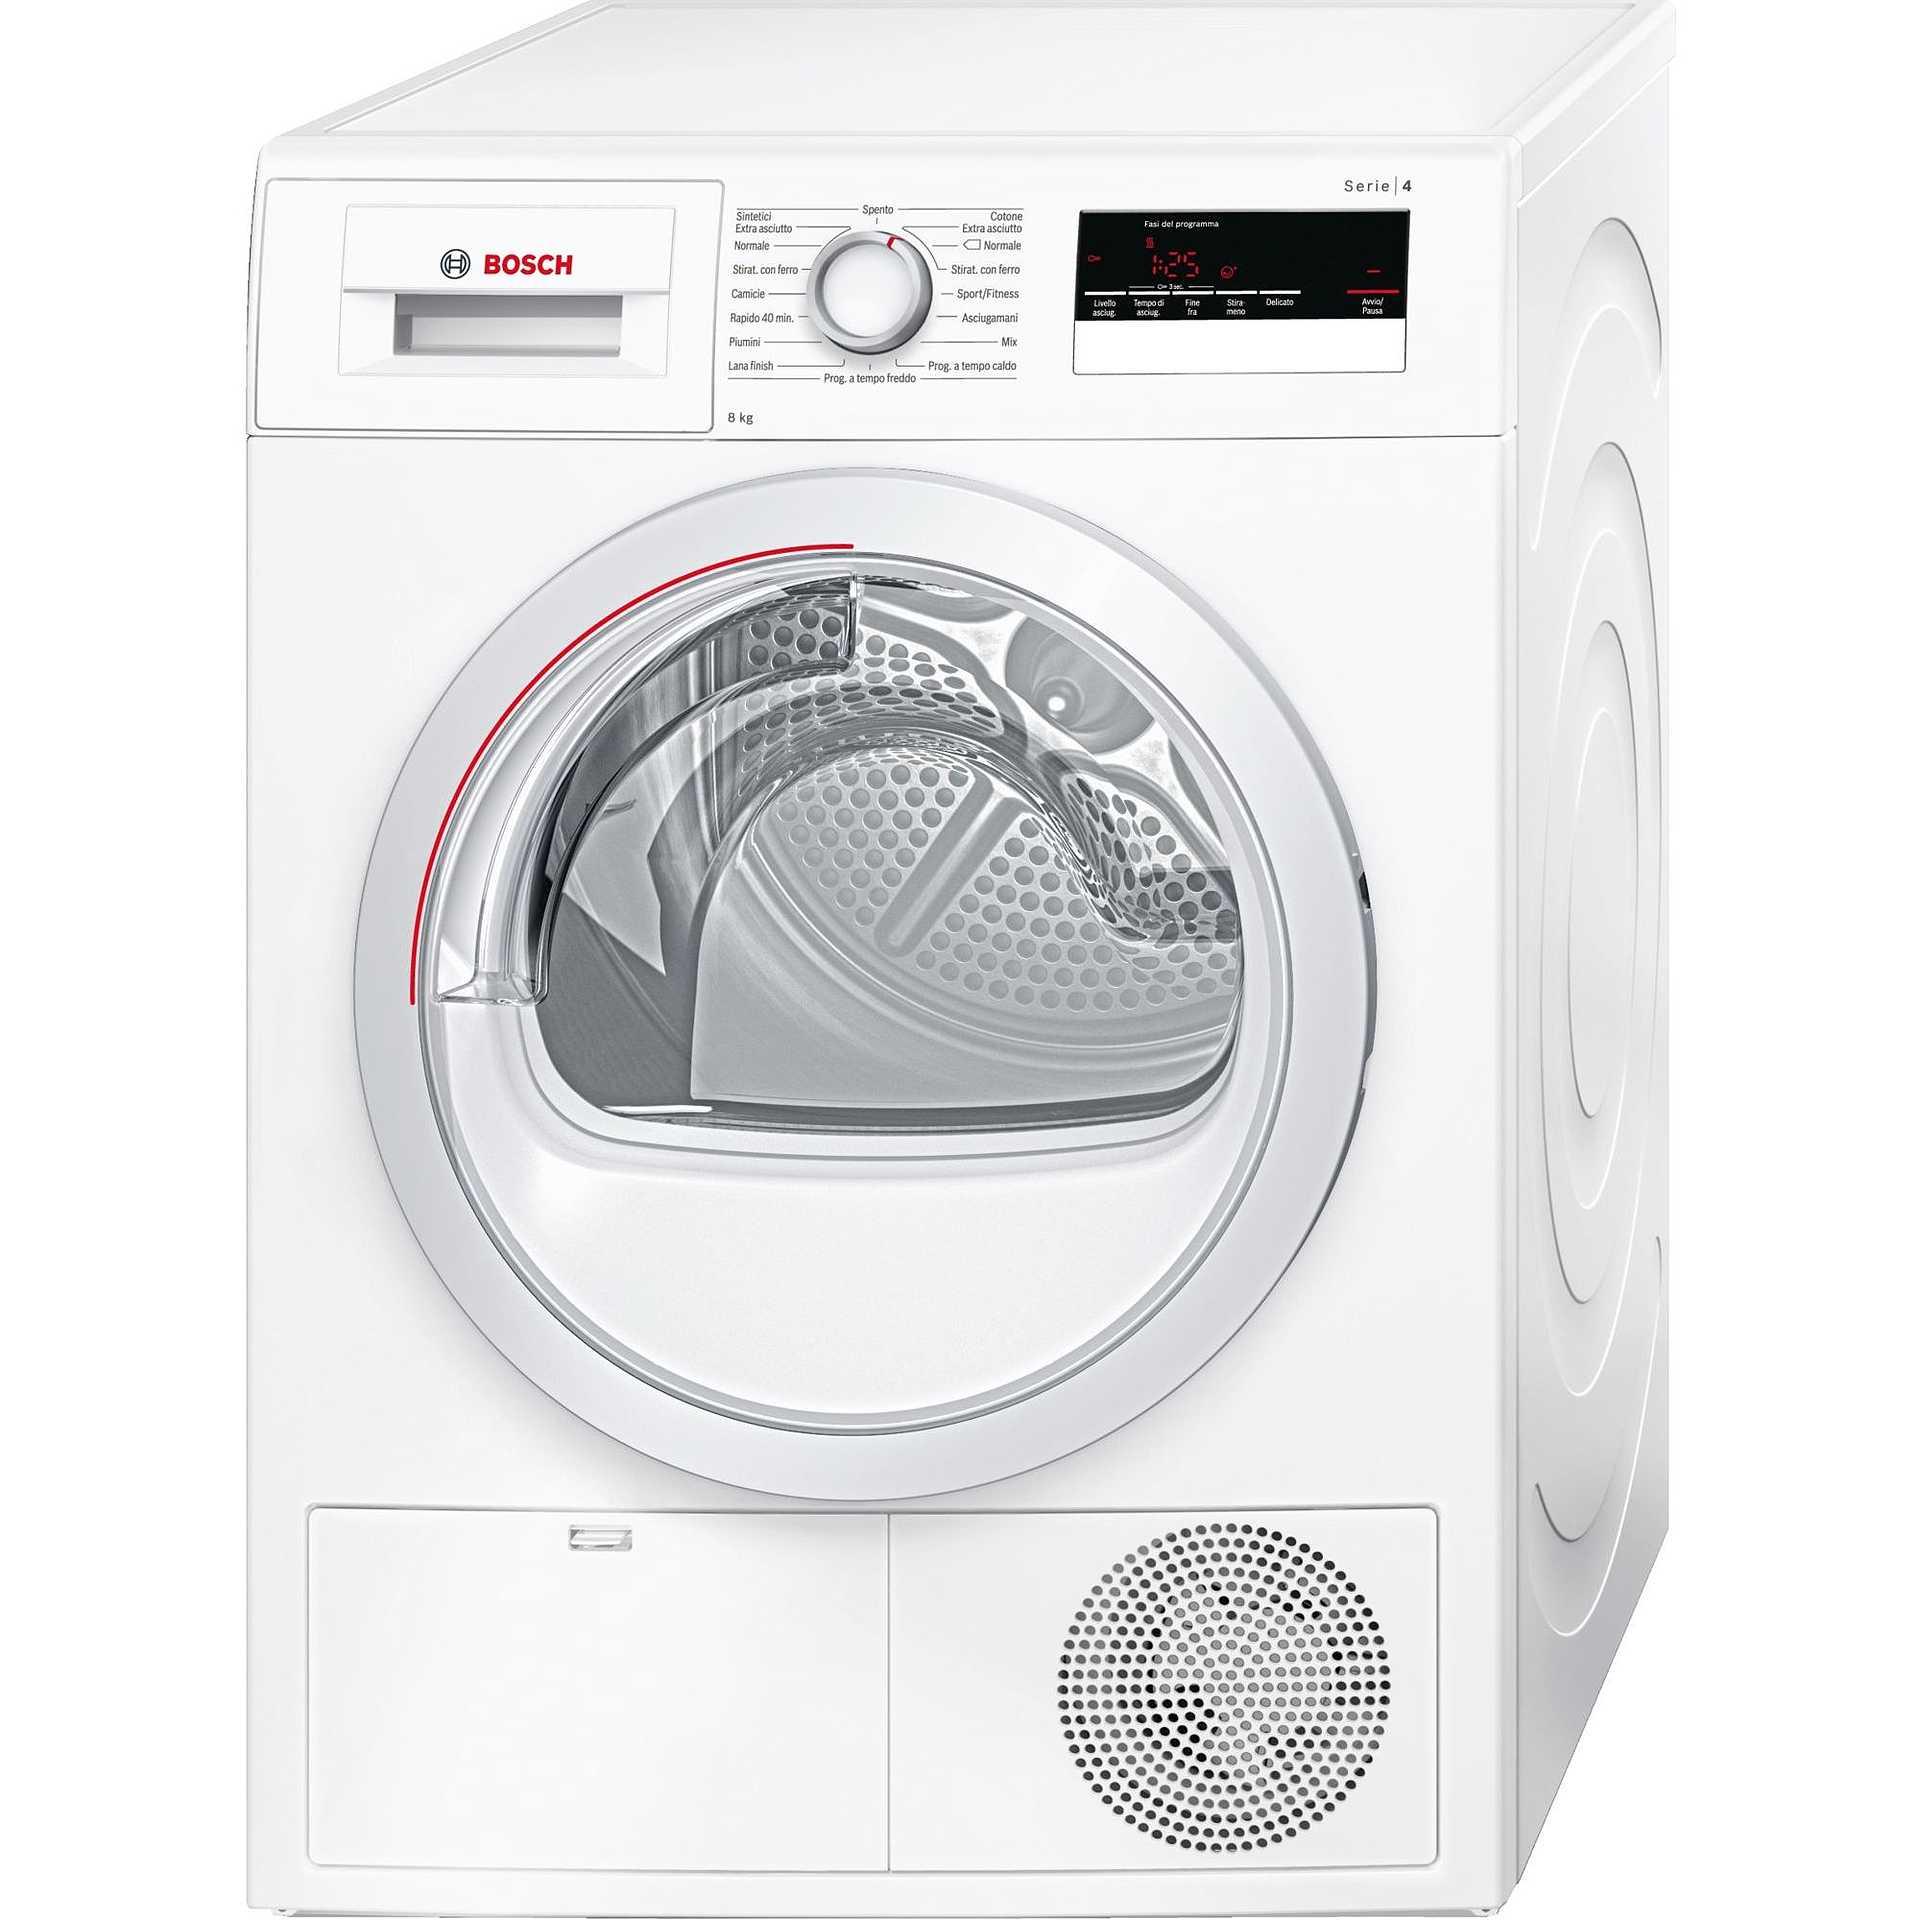 Bosch WTH85208IT Asciugabiancheria A Pompa Di Calore 8 Kg Classe A++ Colore  Bianco